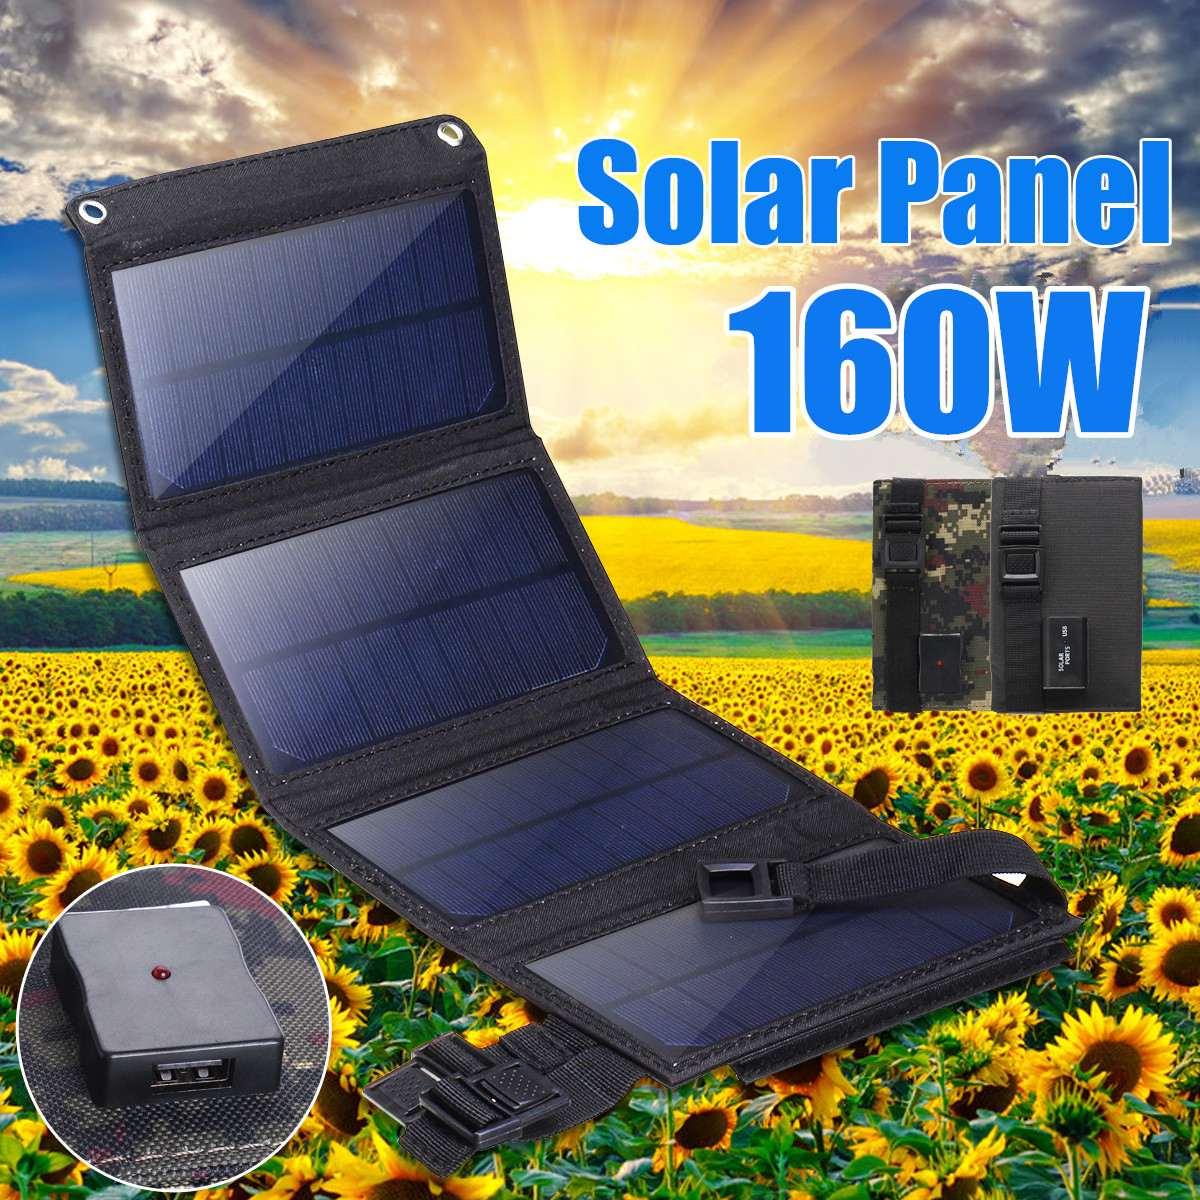 160 واط لوحة شمسية قابلة للطي 5 فولت شاحن محمول ببطارية USB ميناء في الهواء الطلق مقاوم للماء قوة البنك للهاتف الكمبيوتر سيارة RV قارب